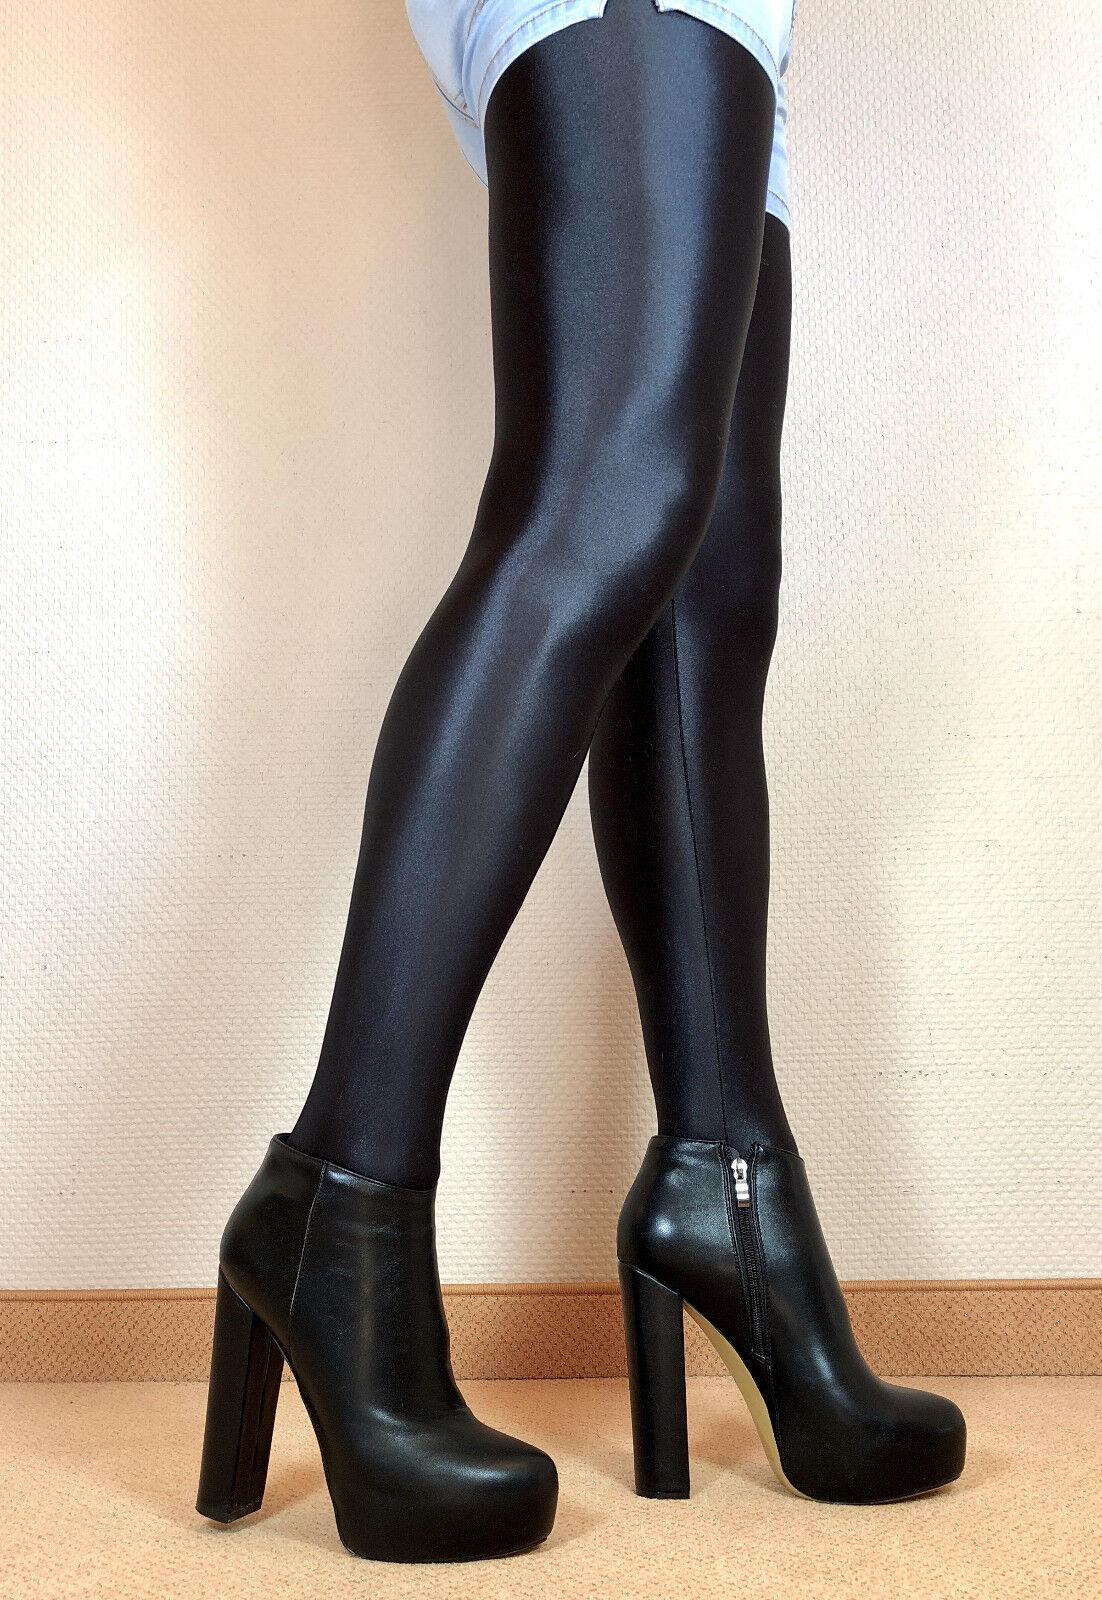 ultimi stili TG. TG. TG. 43 in esclusiva Sexy Tacco Alto Scarpe Da Donna Stiletto avvioIES Uomini Stivali f4  la migliore selezione di